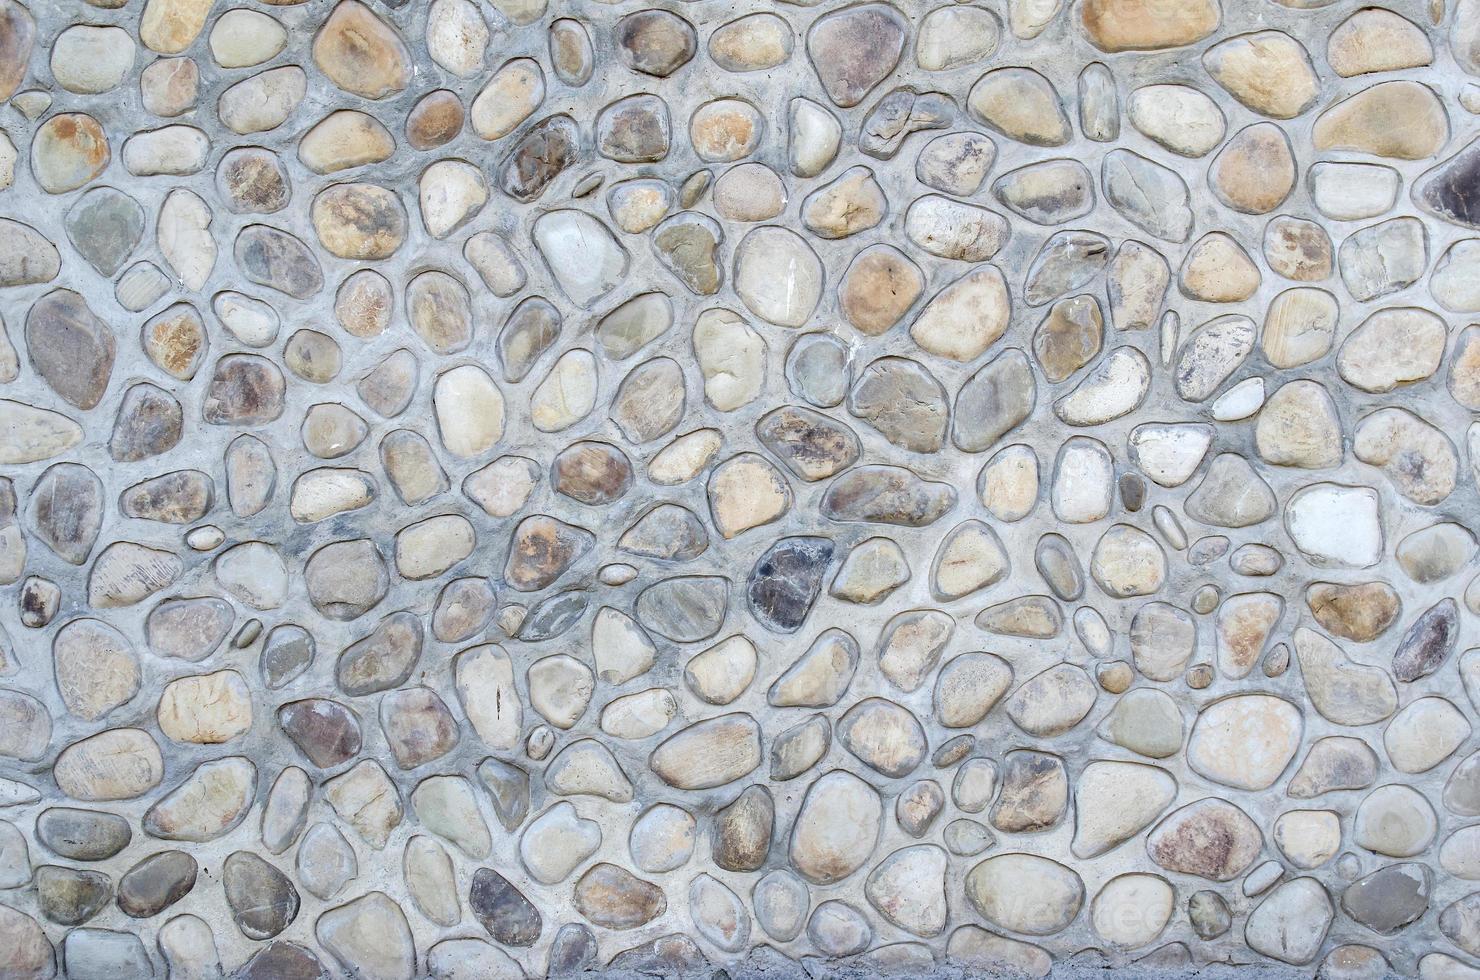 ronde steen rock textuur foto